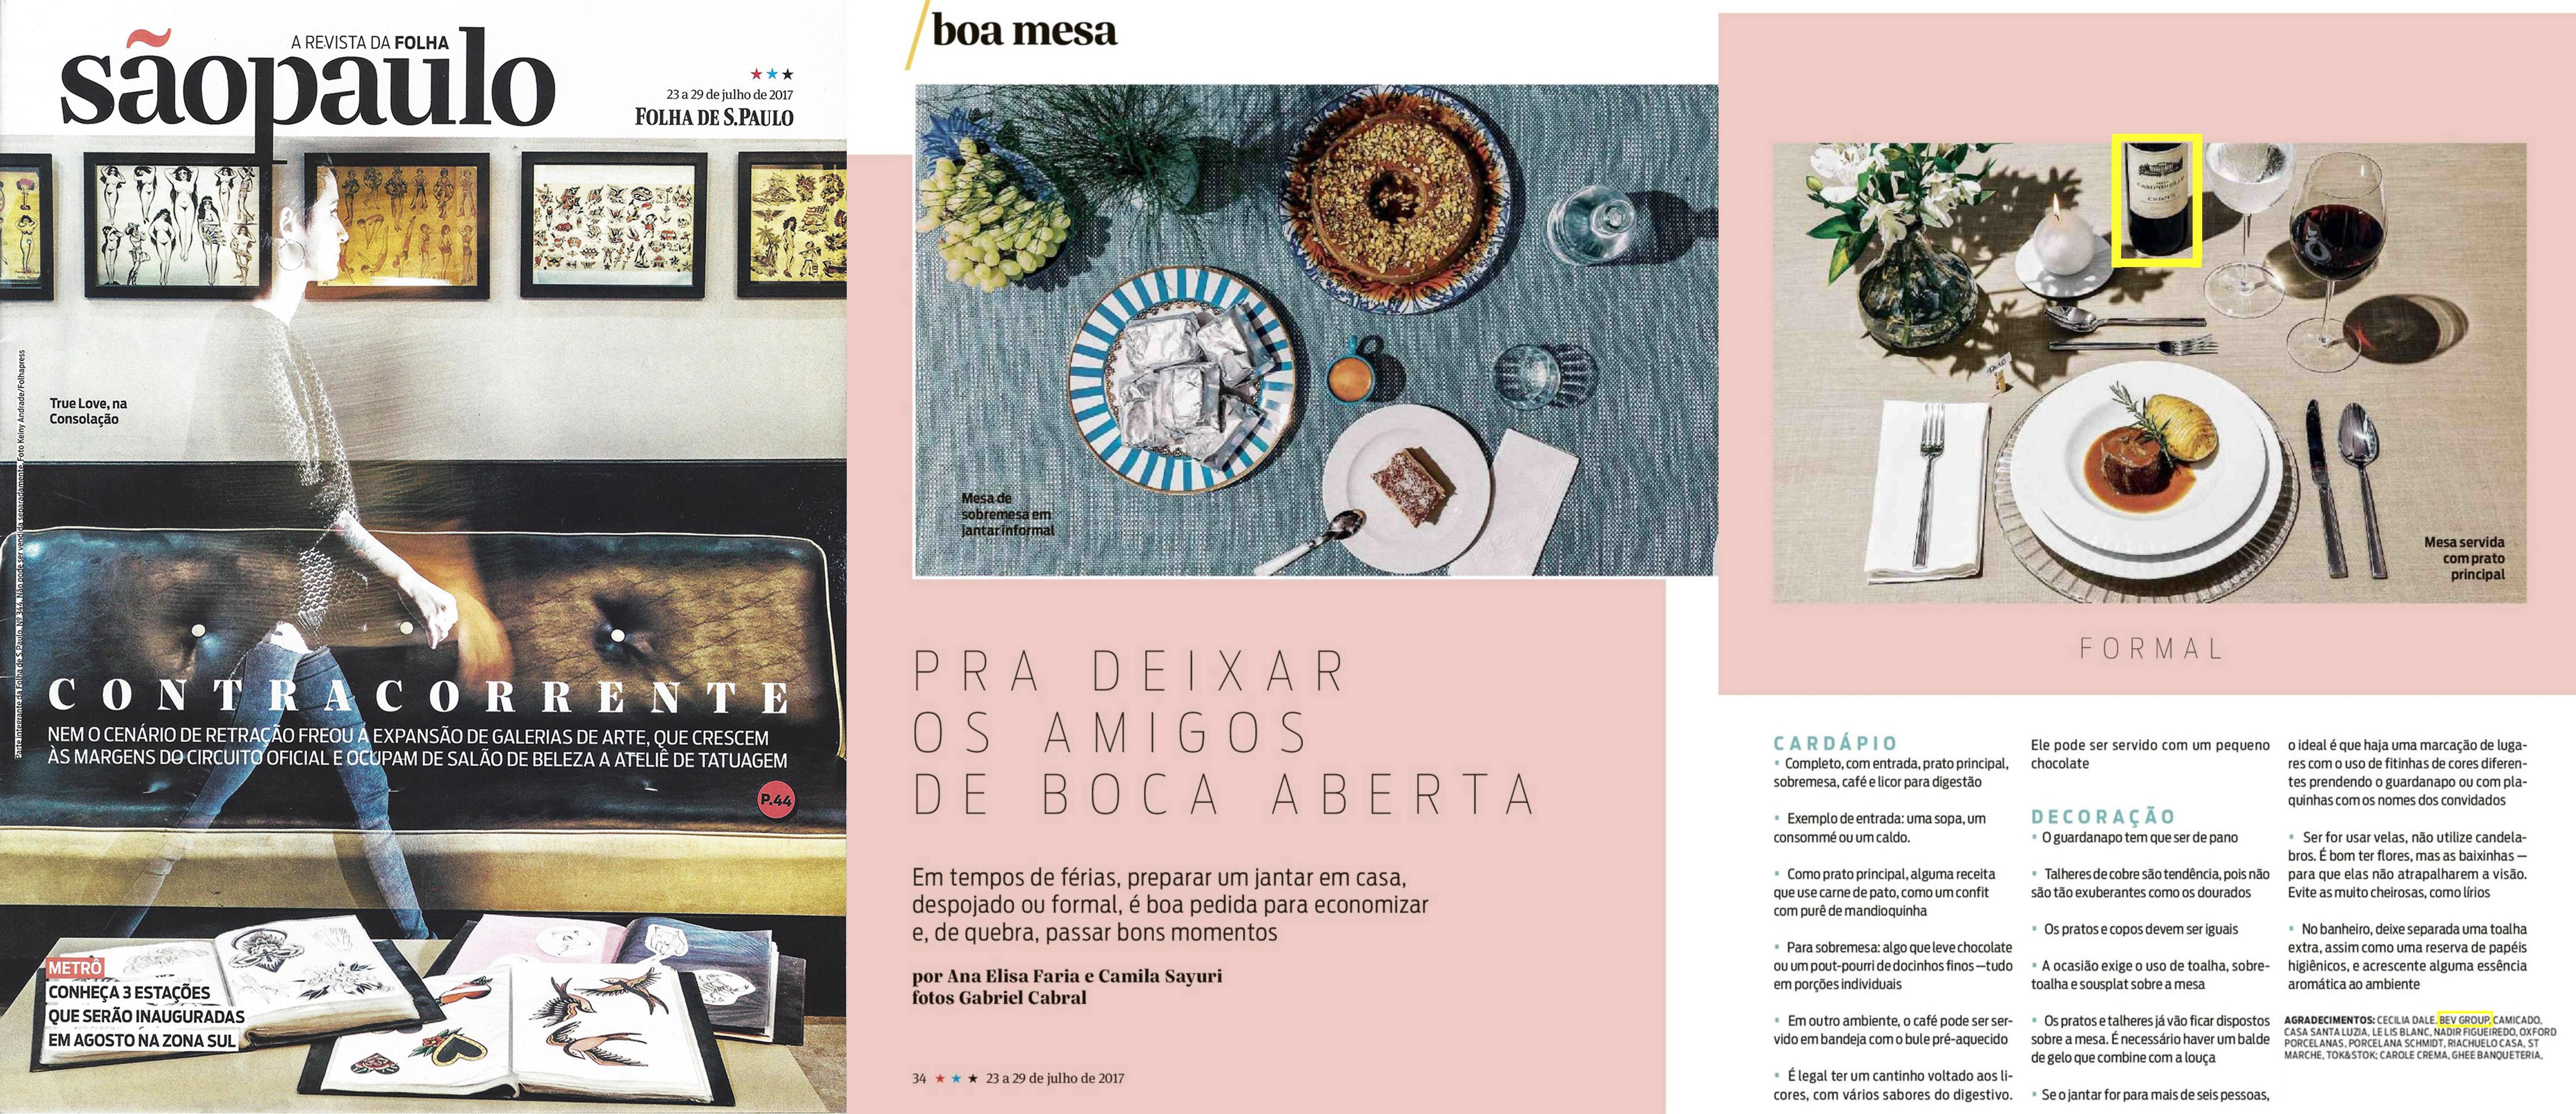 Revista São Paulo (Folha de S. Paulo)